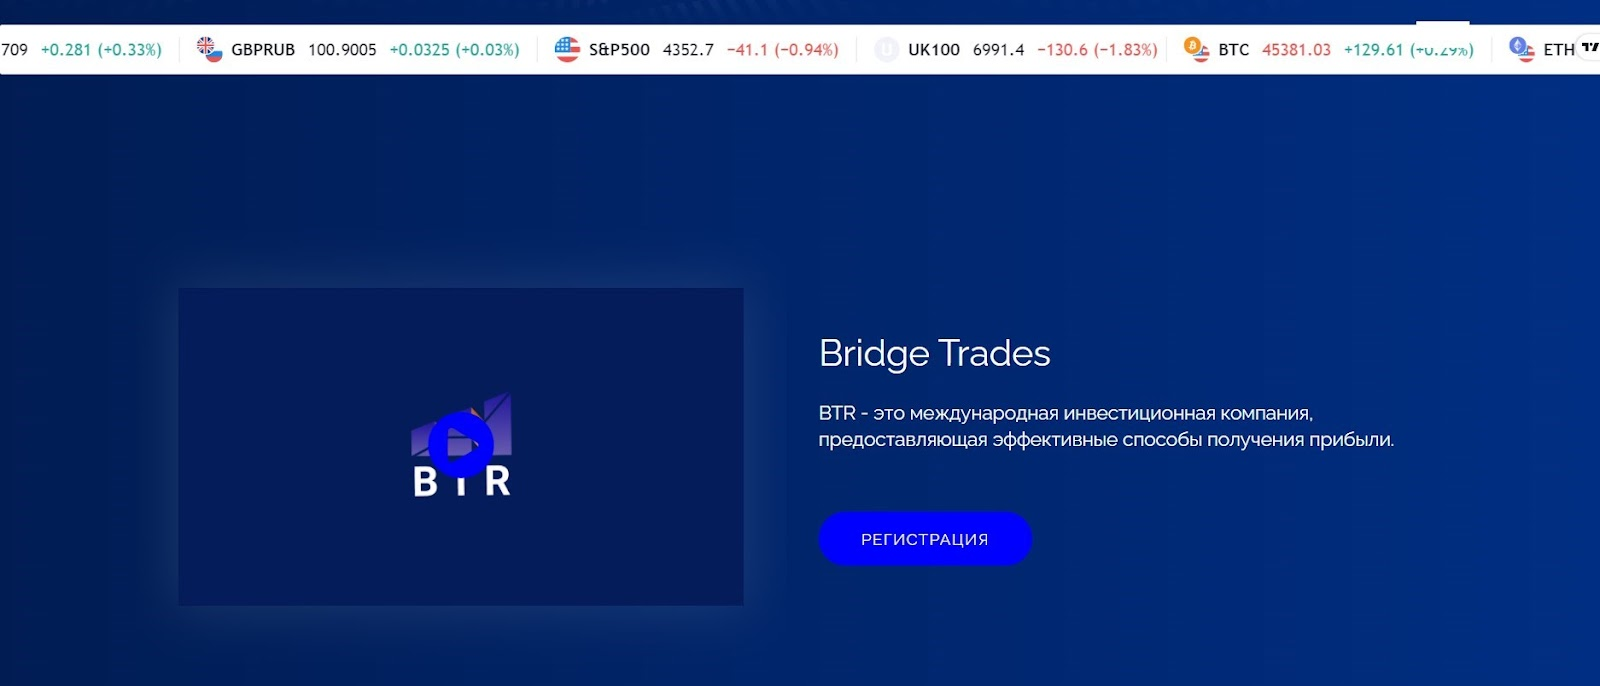 Bridge Trades: отзывы о платформе в экспертном обзоре 2021